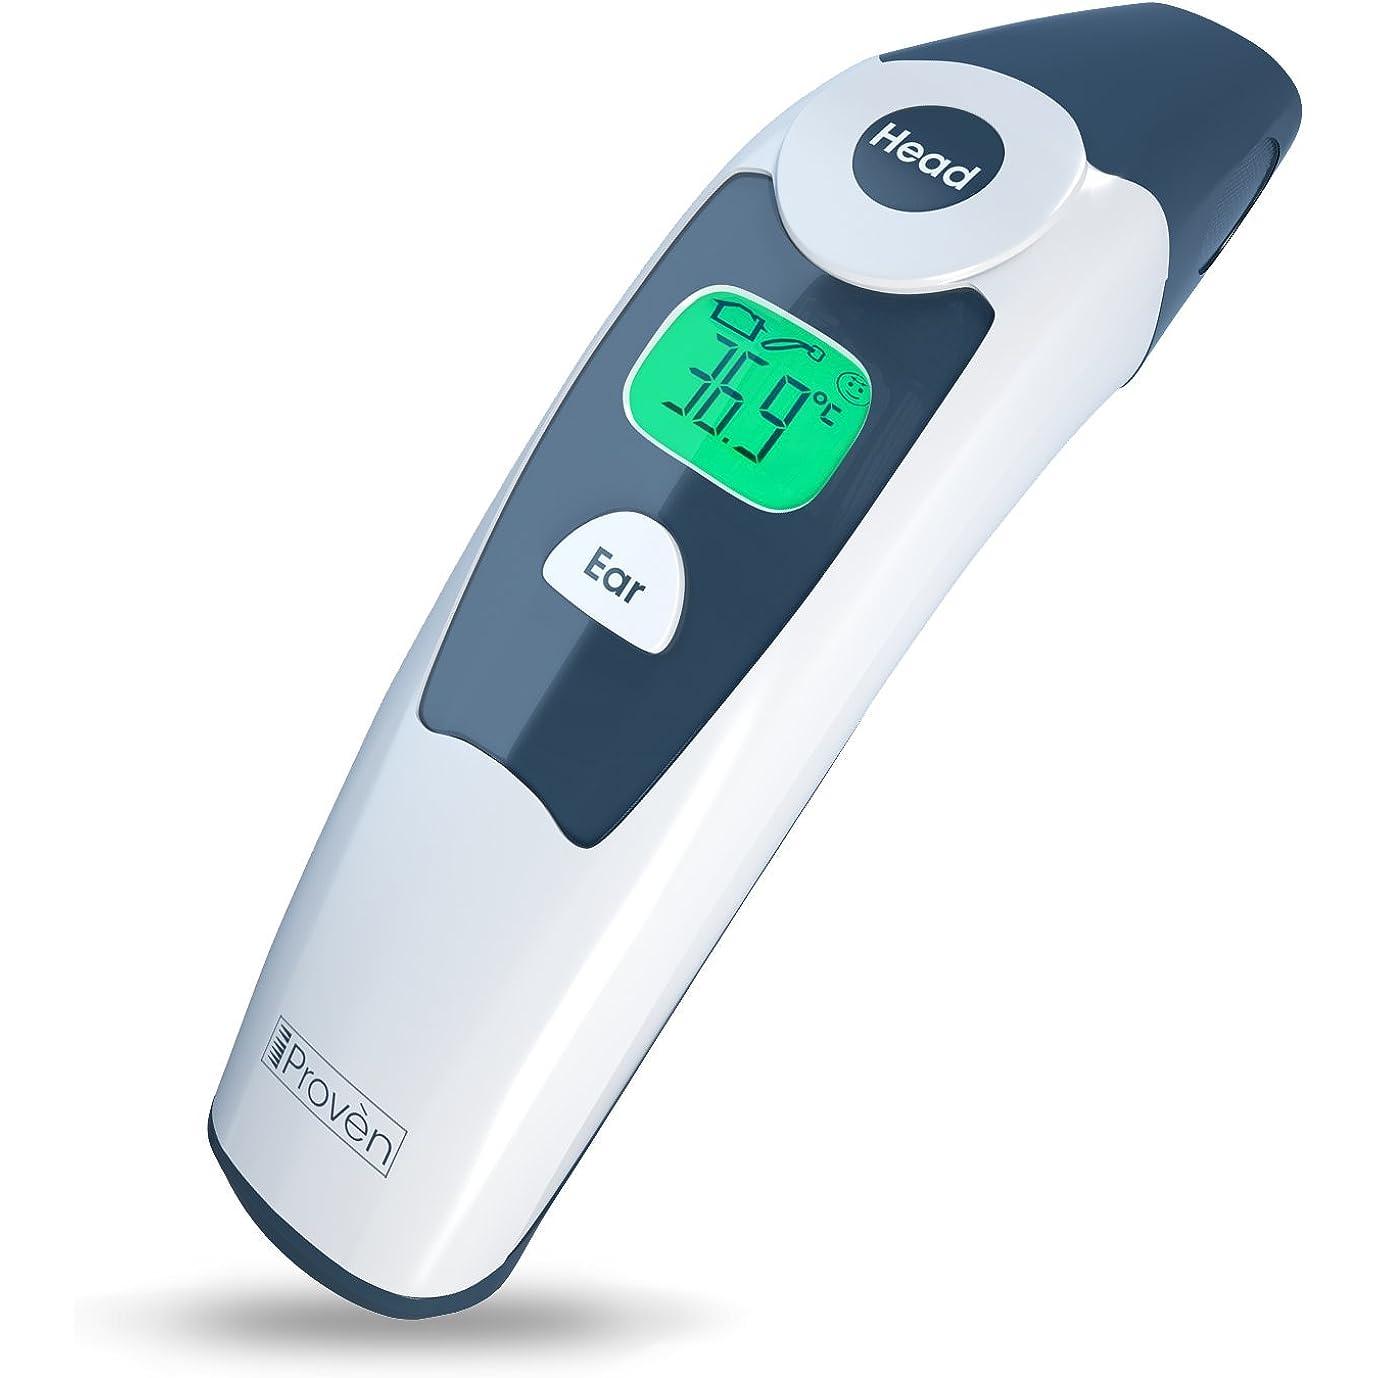 Hersteller wie iProvèn bieten auch kombinierte Ohr- und Stirnthermometer an.